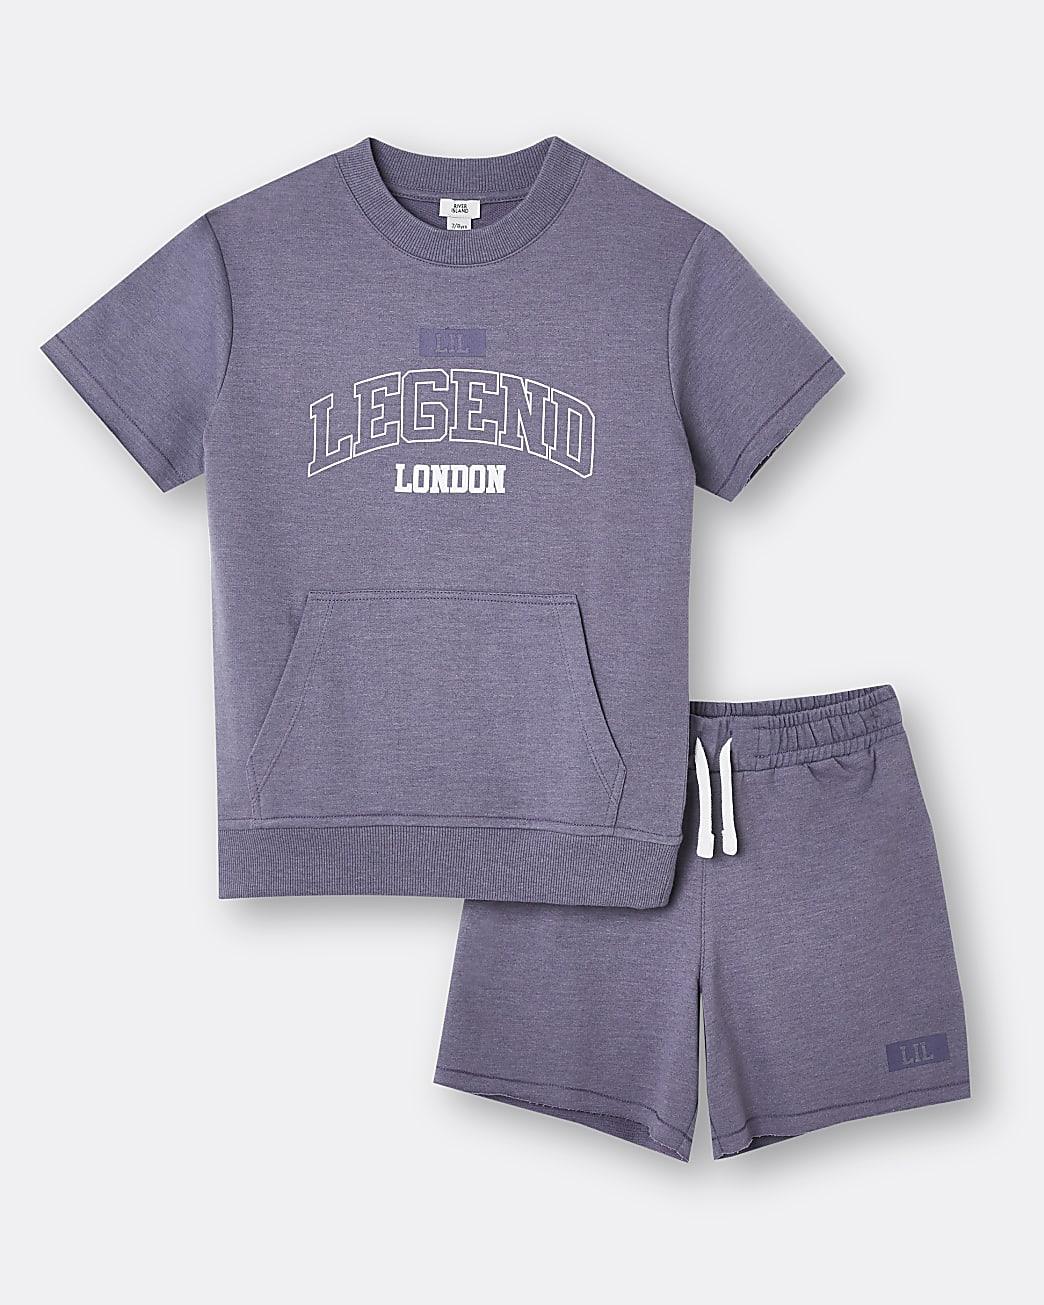 Age 13+ boys purple 'Legend' shorts outfit